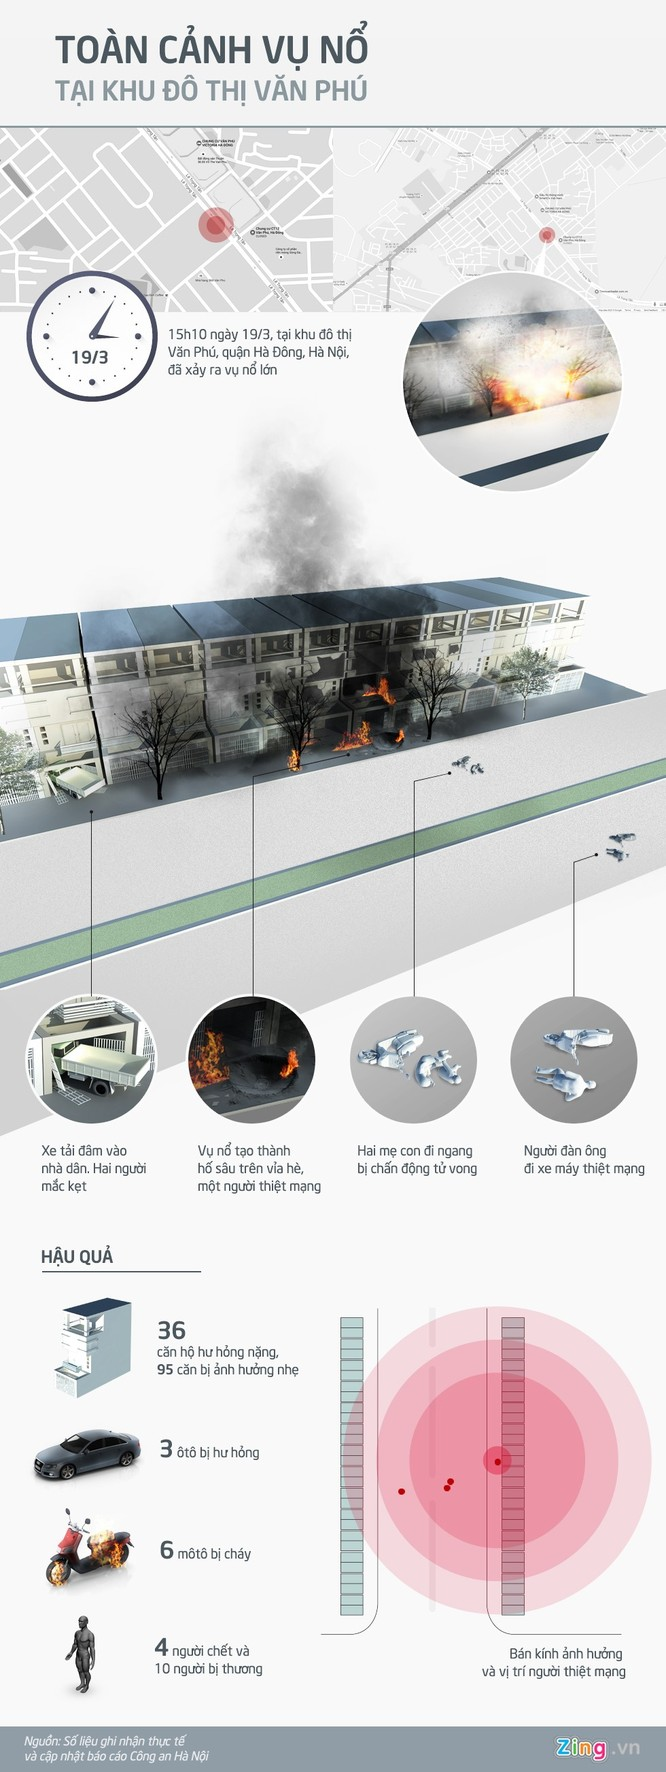 Clip 3D toàn cảnh vụ nổ ở Hà Đông ảnh 1